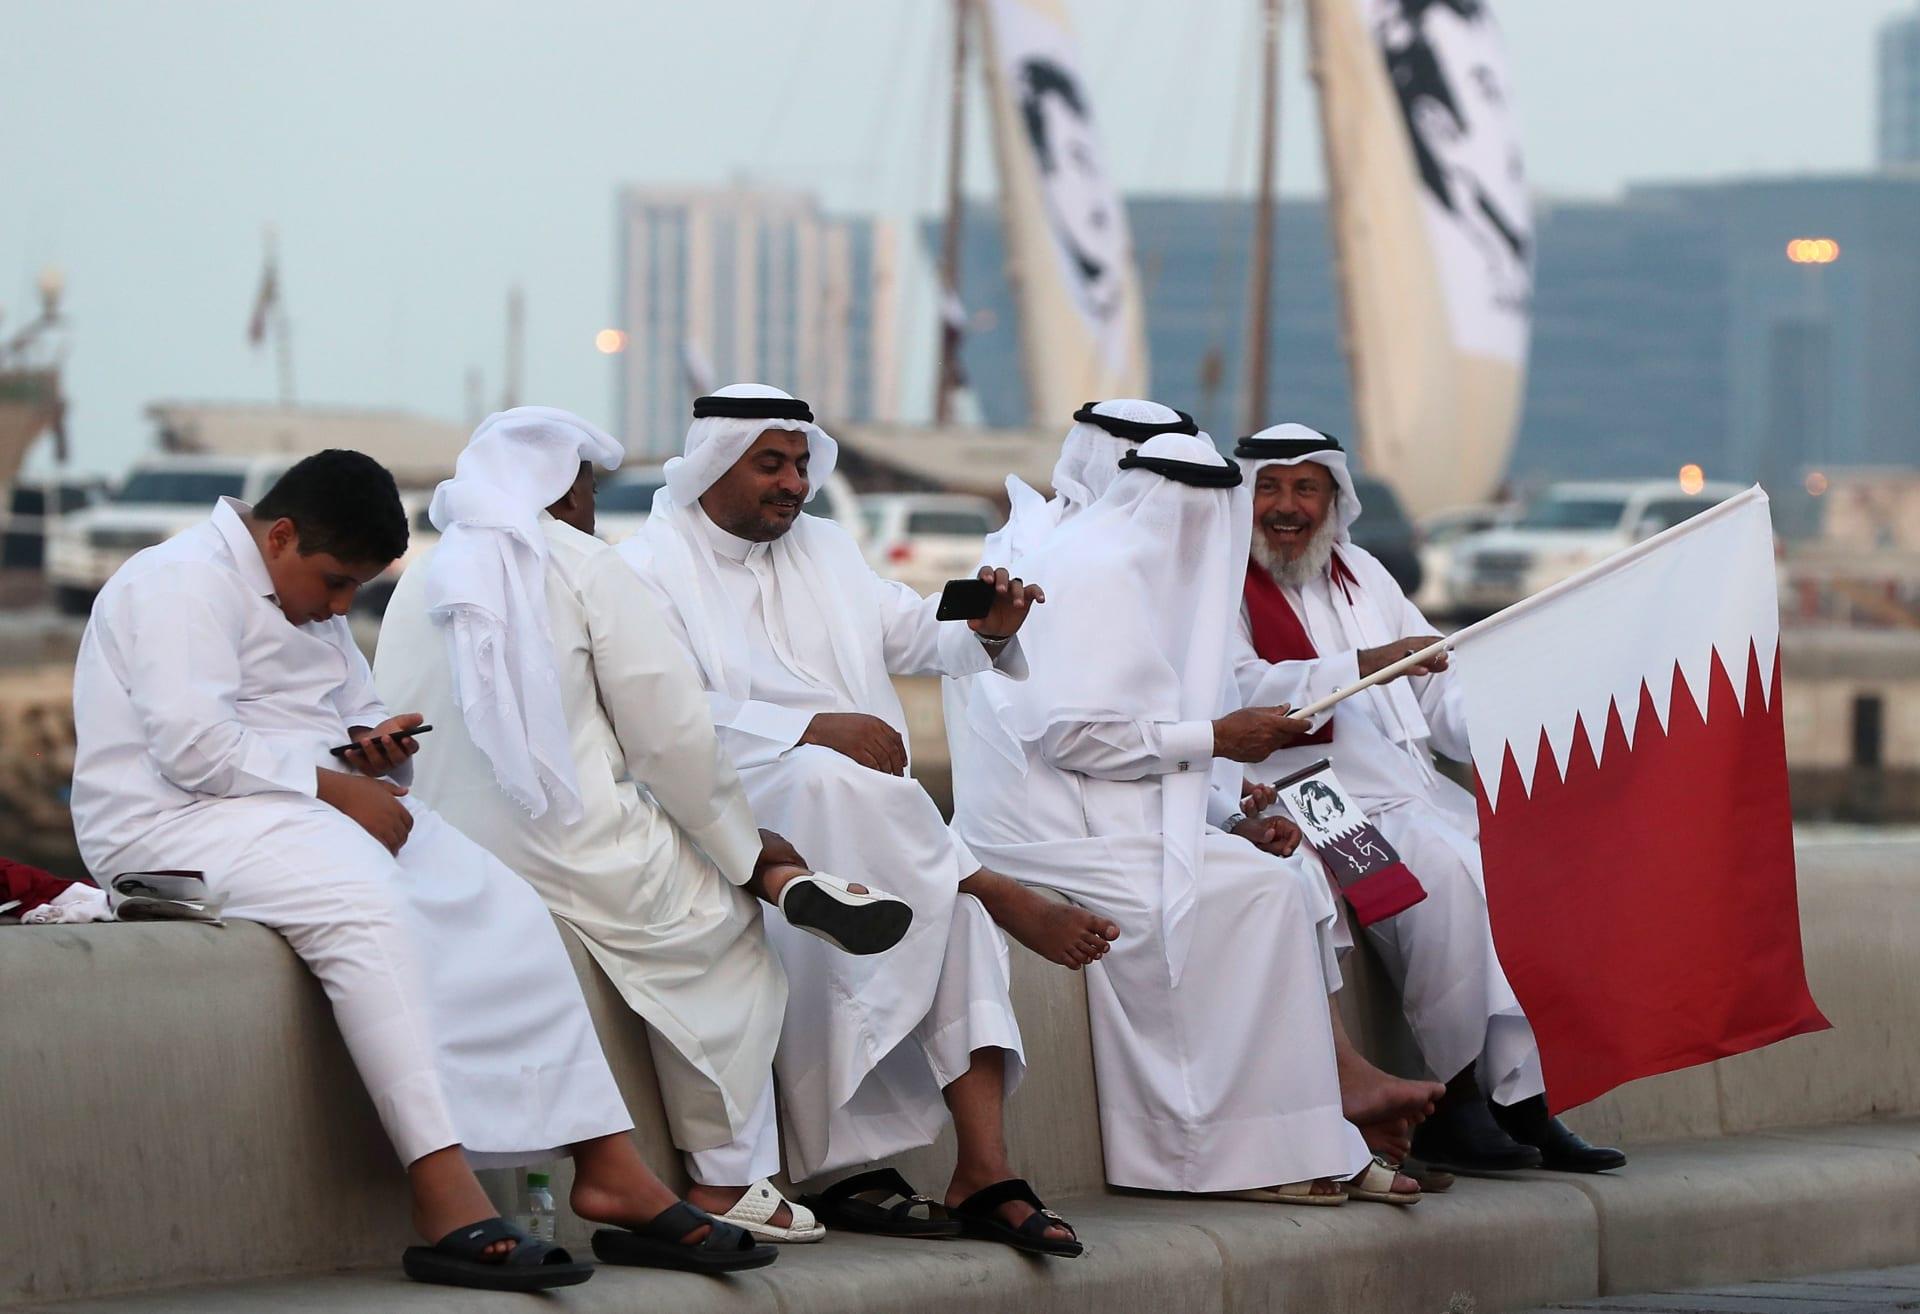 صورة أرشيفية (تعبيرية) لقطريين يرفعون أعلام بلدهم وصور الشيخ تميم في الدوحة العام 2017